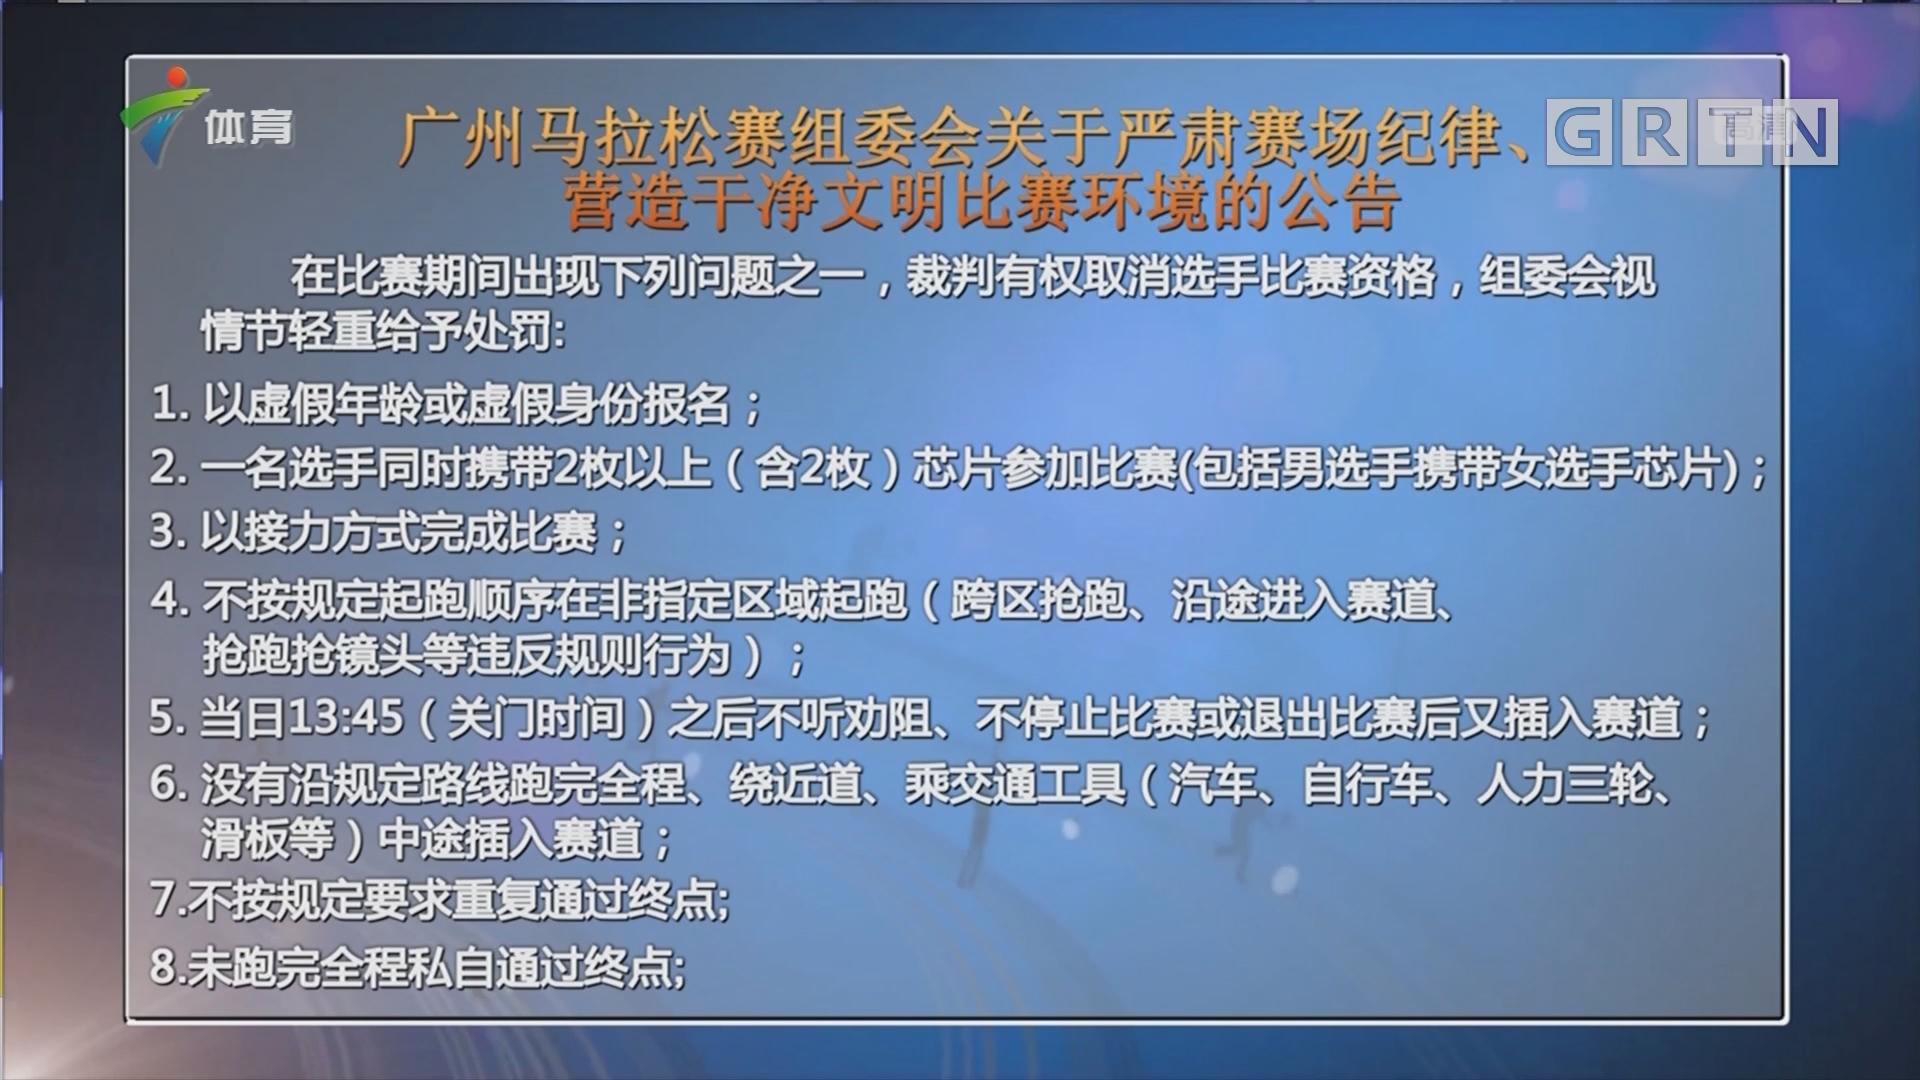 广州马拉松赛组委会关于严肃赛场纪律、营造干净文明比赛环境的公告